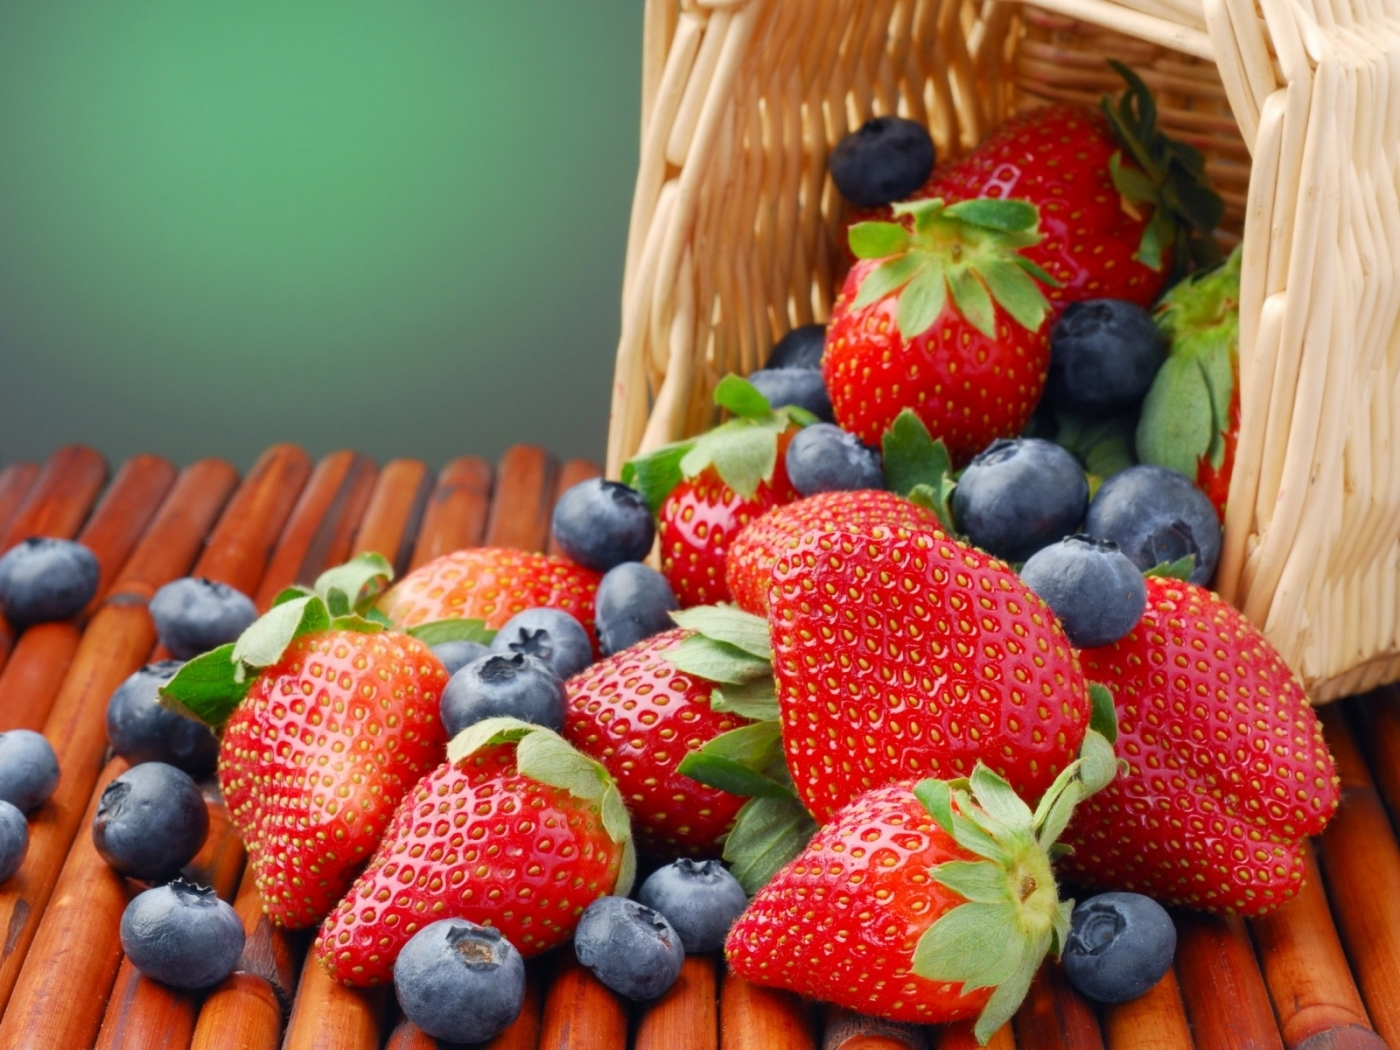 Descarga gratuita de fondo de pantalla para móvil de Plantas, Comida, Fresa, Bayas.